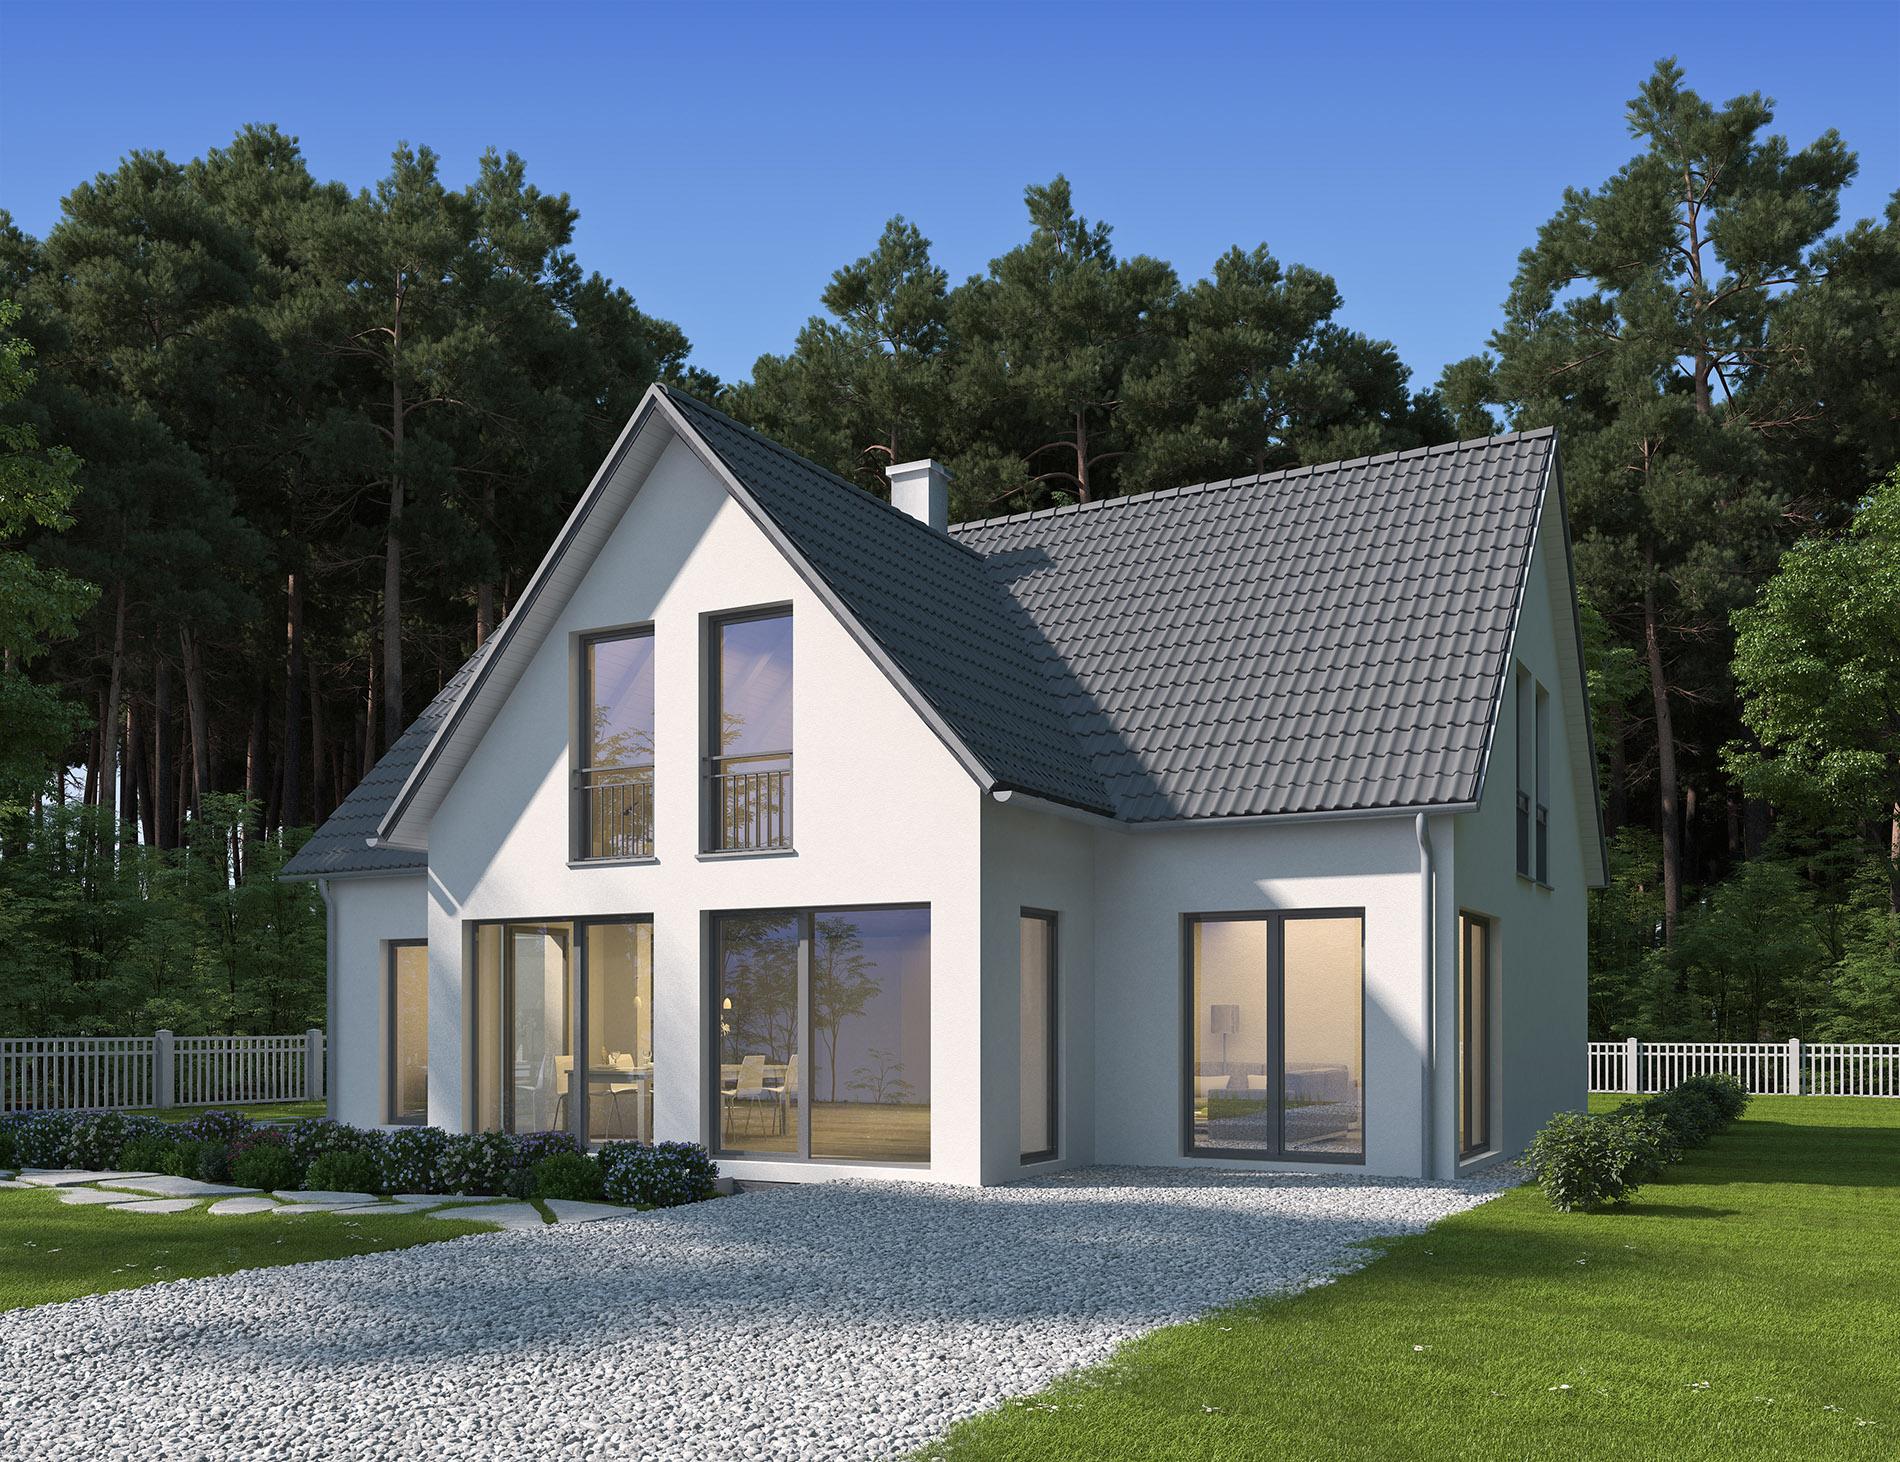 construisez votre maison neuve contemporaine avec alsace construction